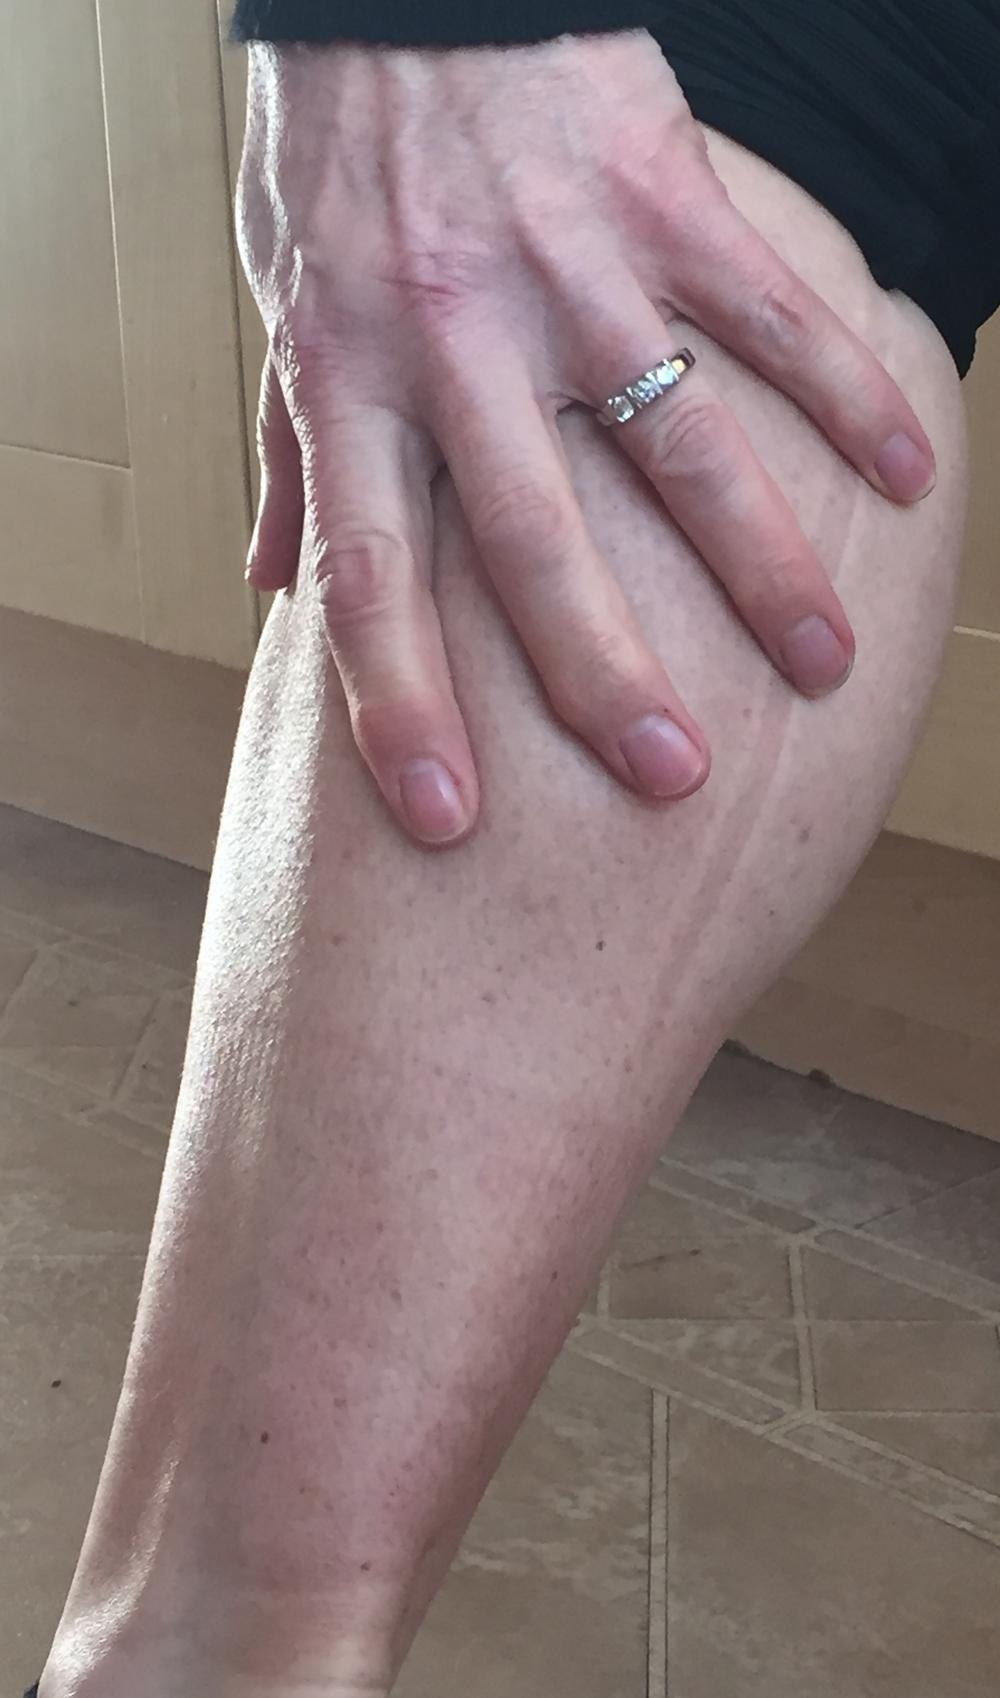 Calf pain when running